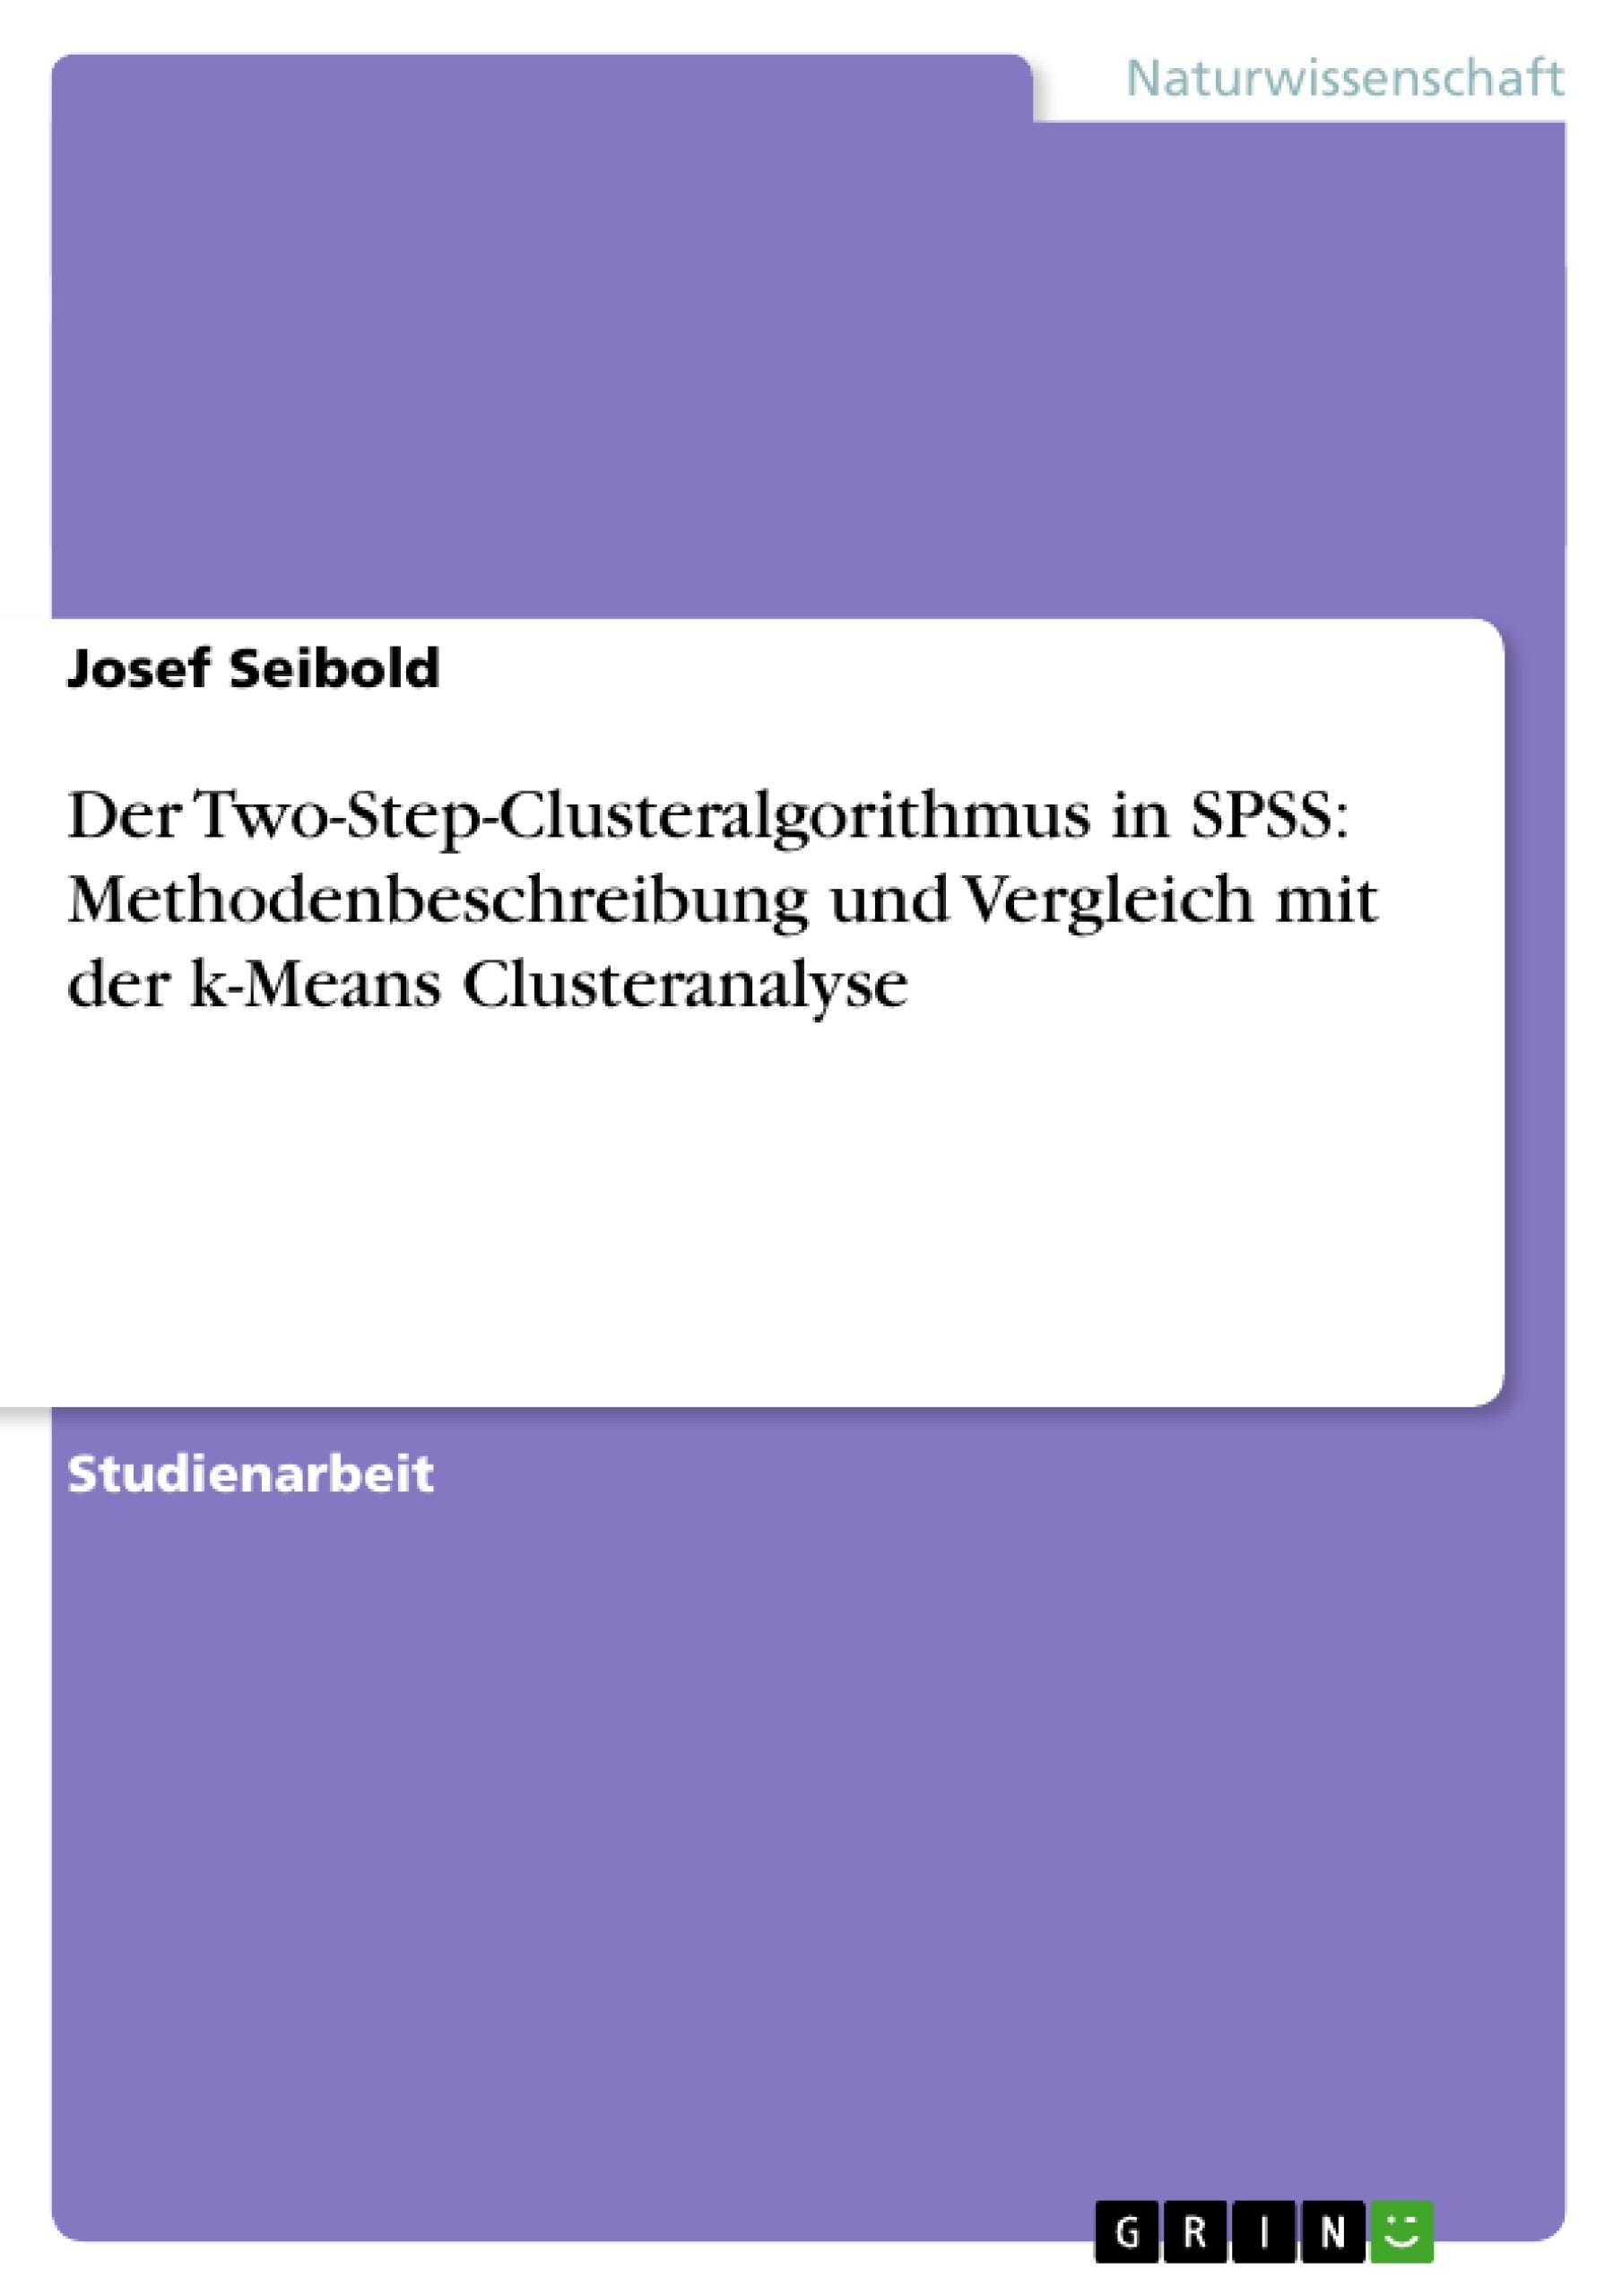 Titel: Der Two-Step-Clusteralgorithmus in SPSS: Methodenbeschreibung und Vergleich mit der k-Means Clusteranalyse